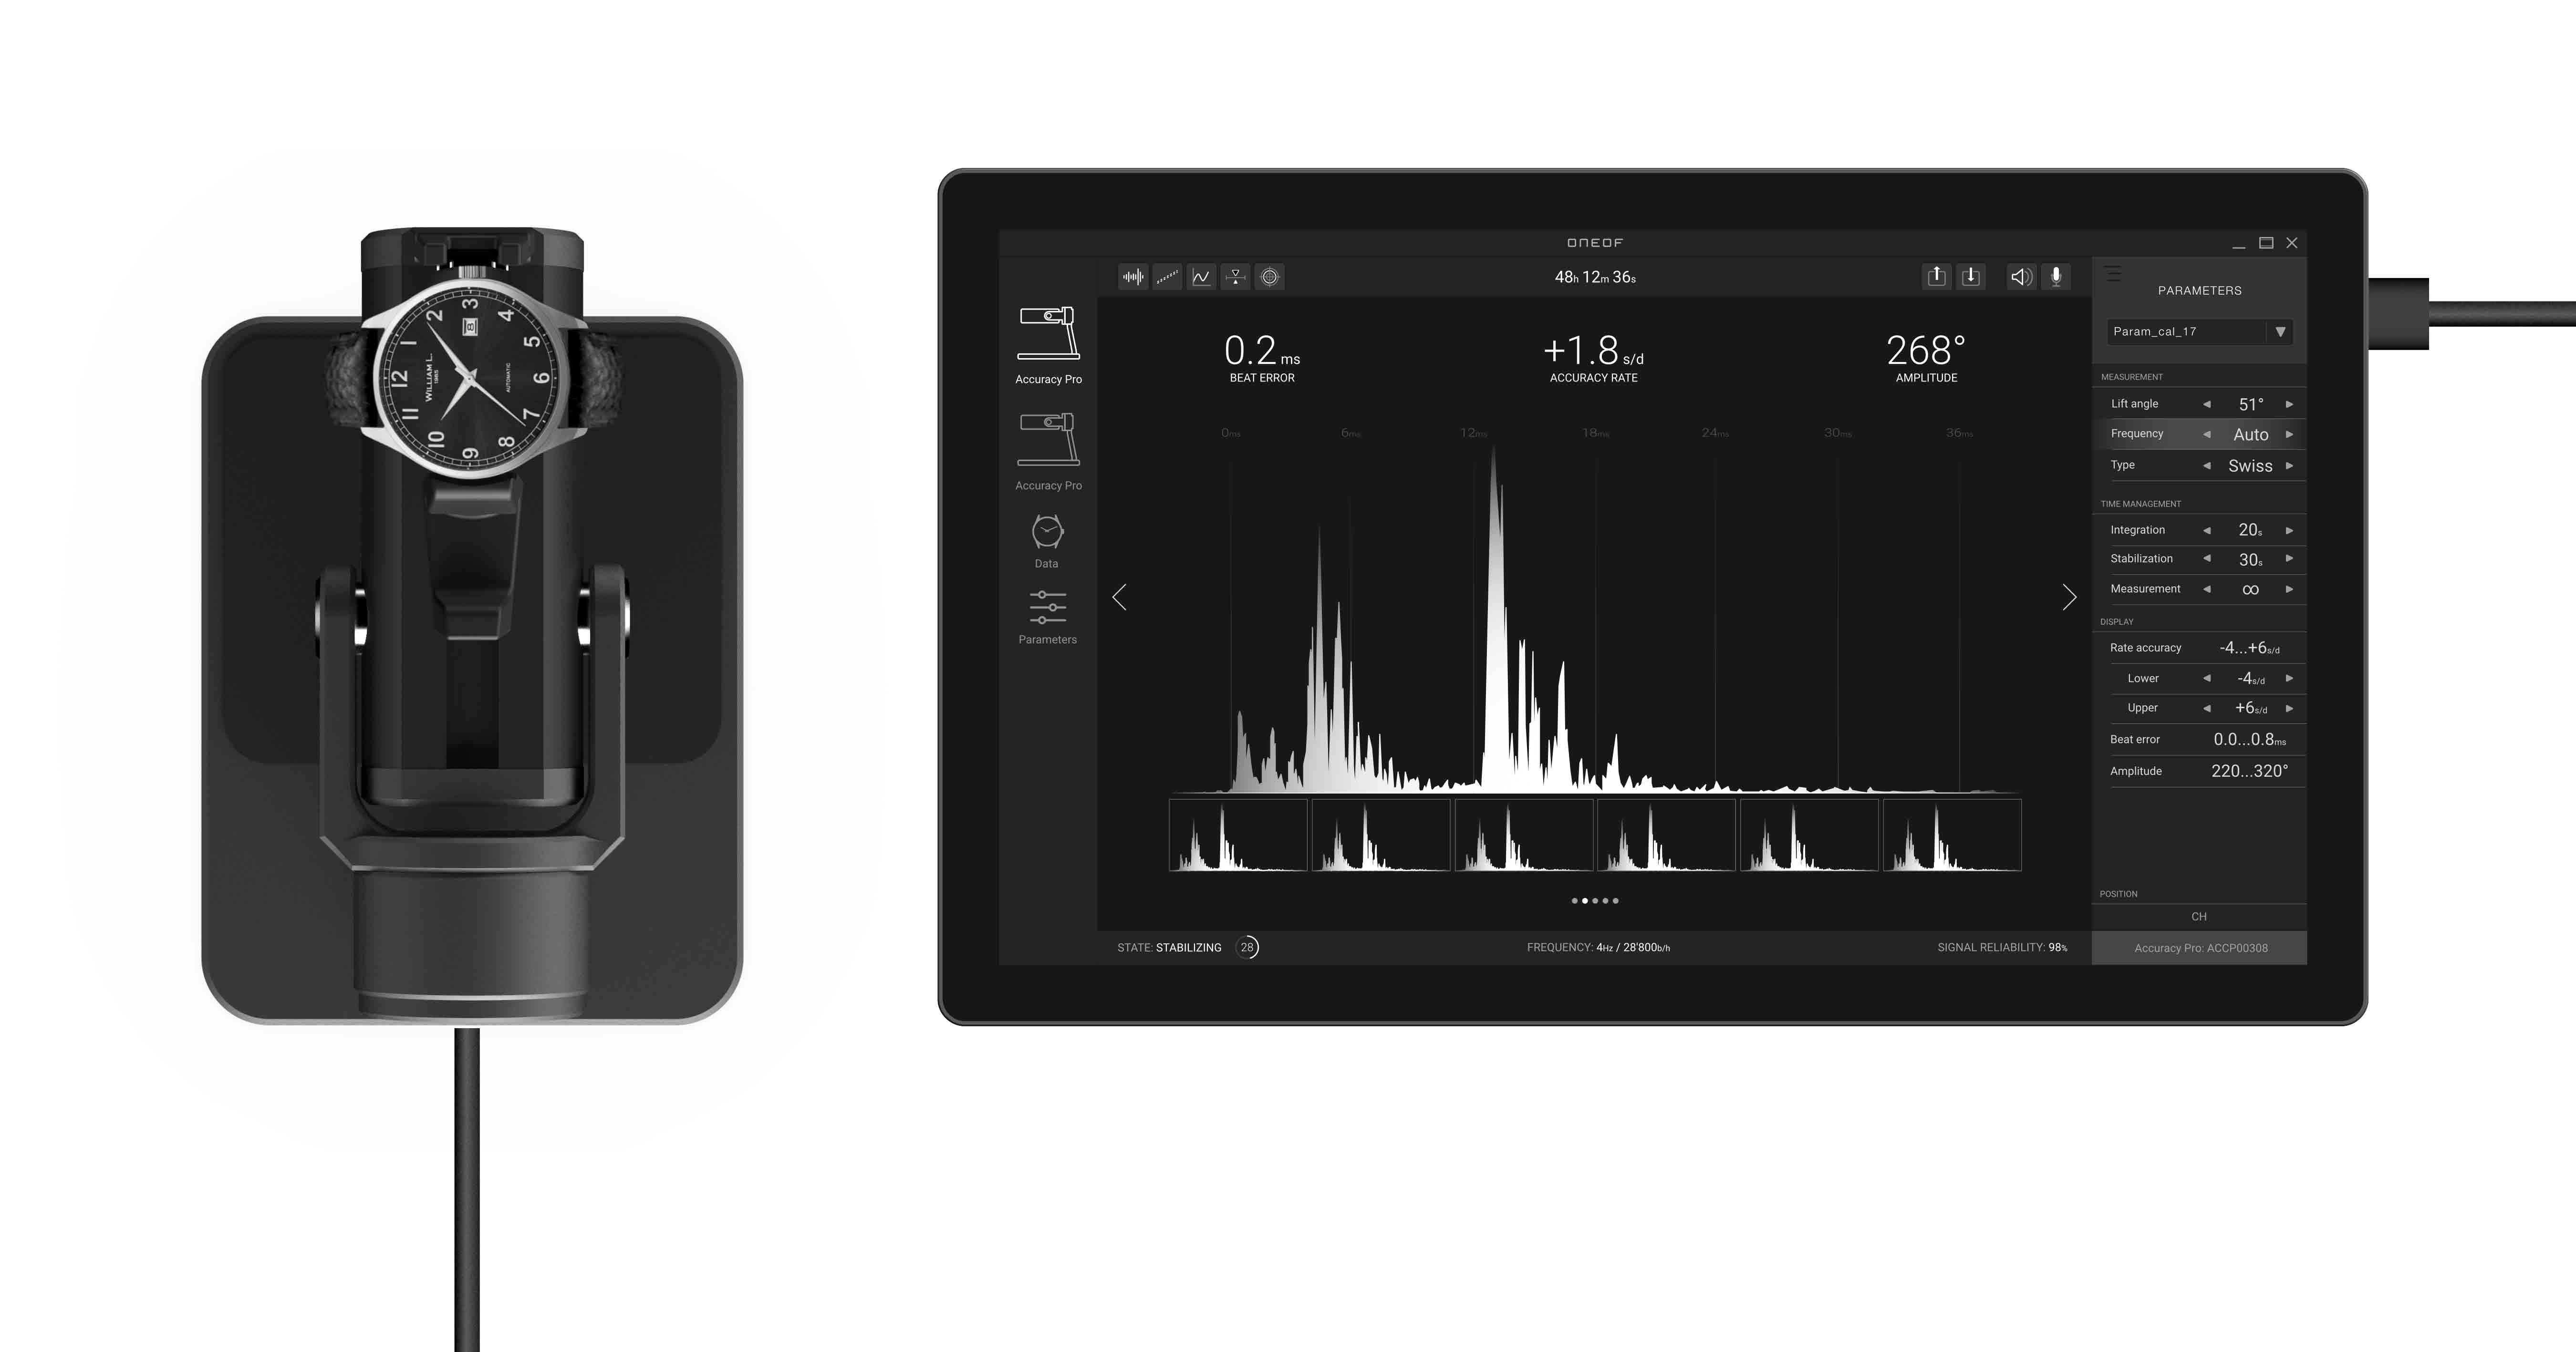 Die neue Generation der Accuracy-Serie von Oneof kann die Messresultate einer mechanischen Uhr auf dem Tablet und sogar auf dem Smartphone darstellen.